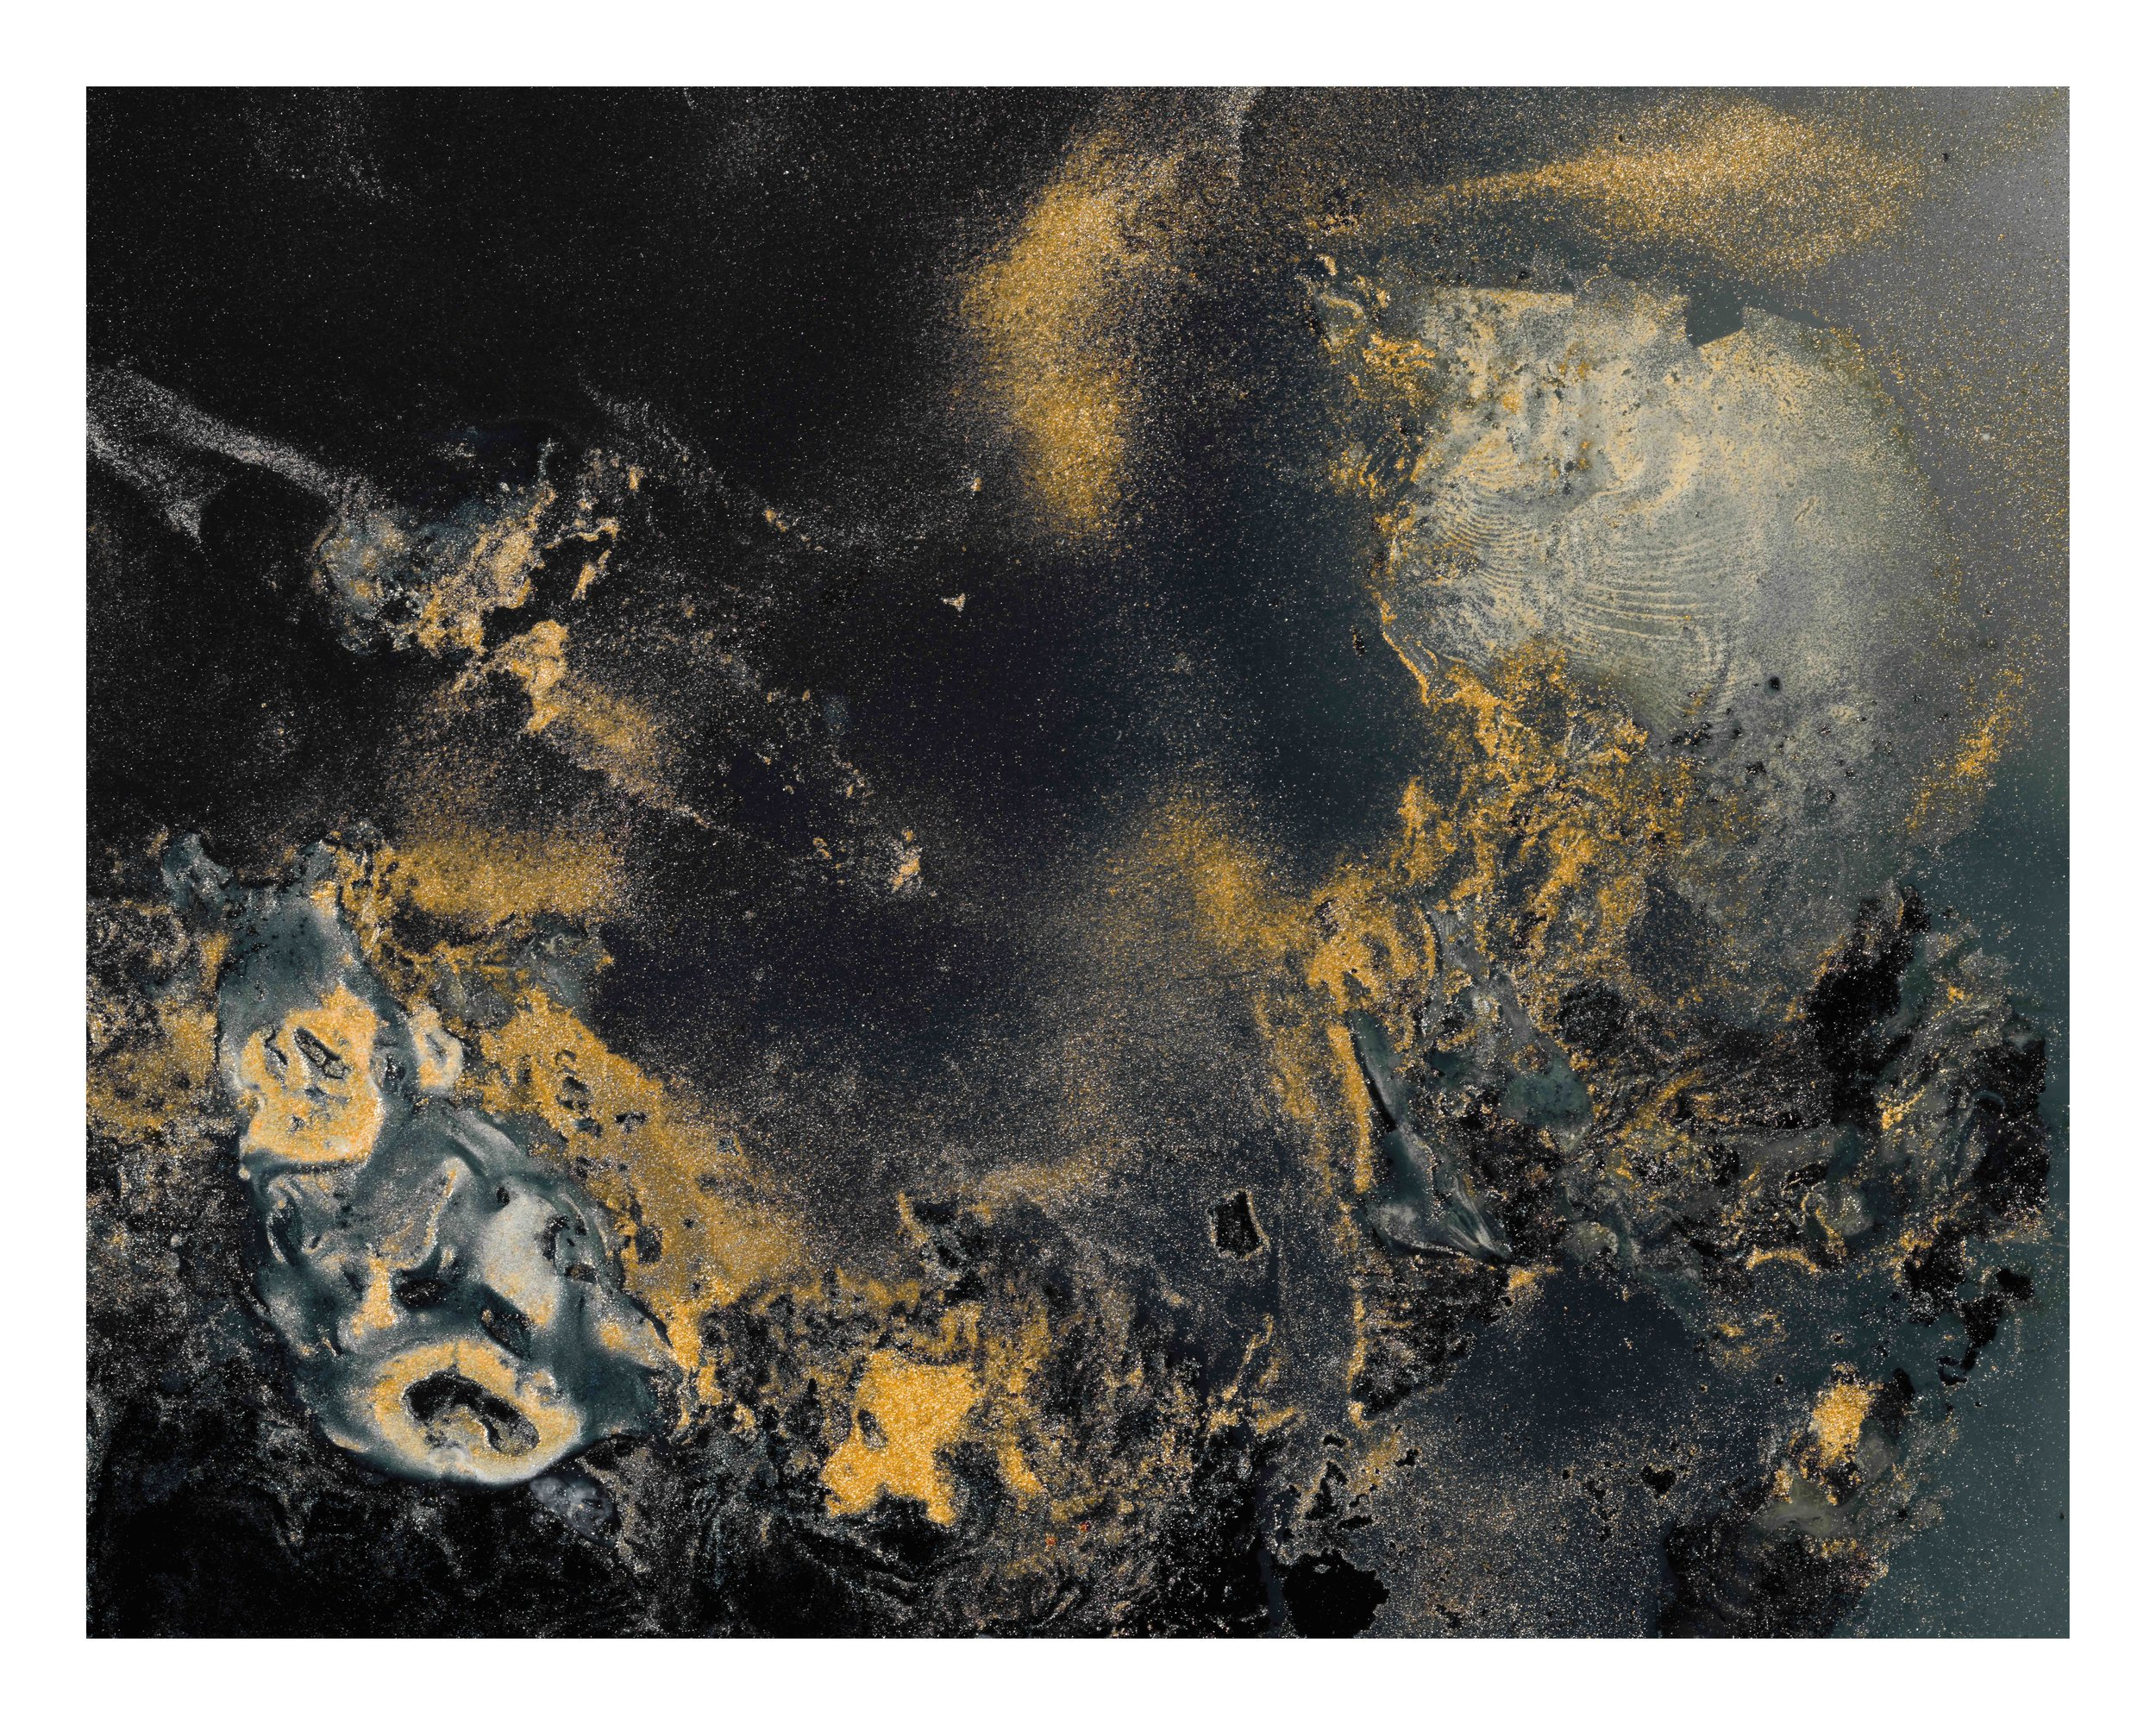 Ethereal Splendour - 800 x 1000 mmSingle Edition8000 ZAR